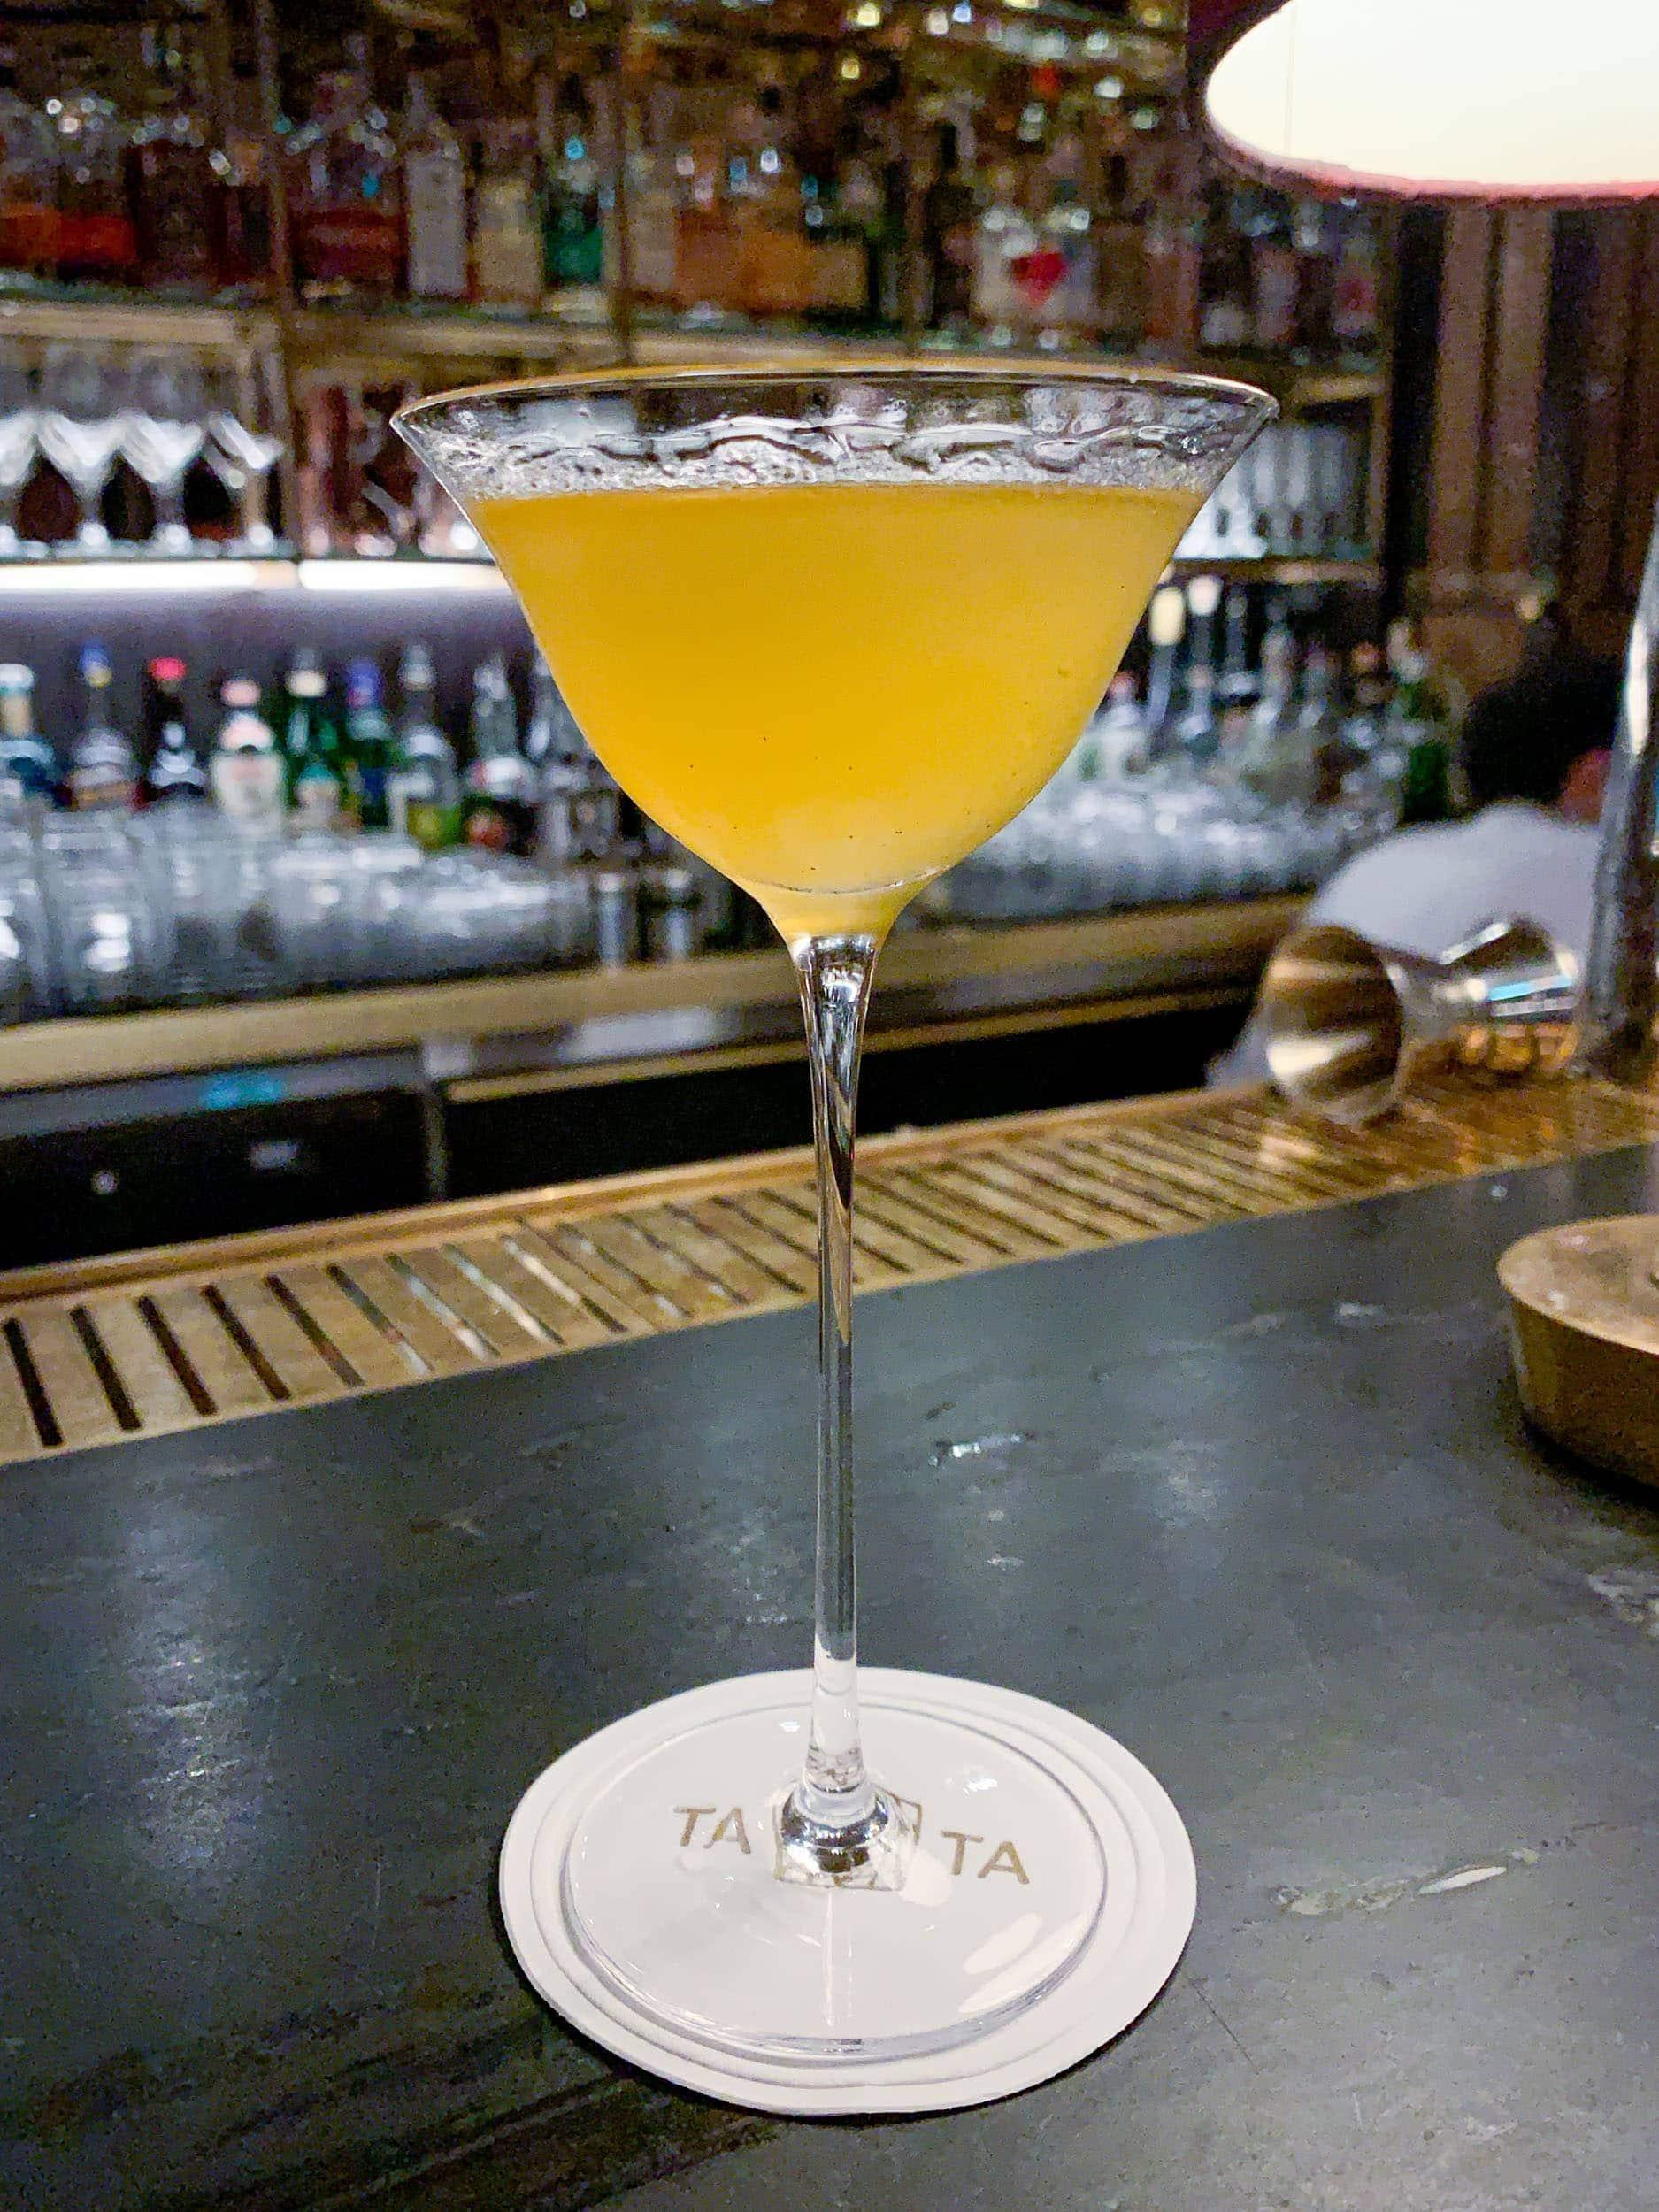 Empirical Gimlet at Tata Cocktail Bar